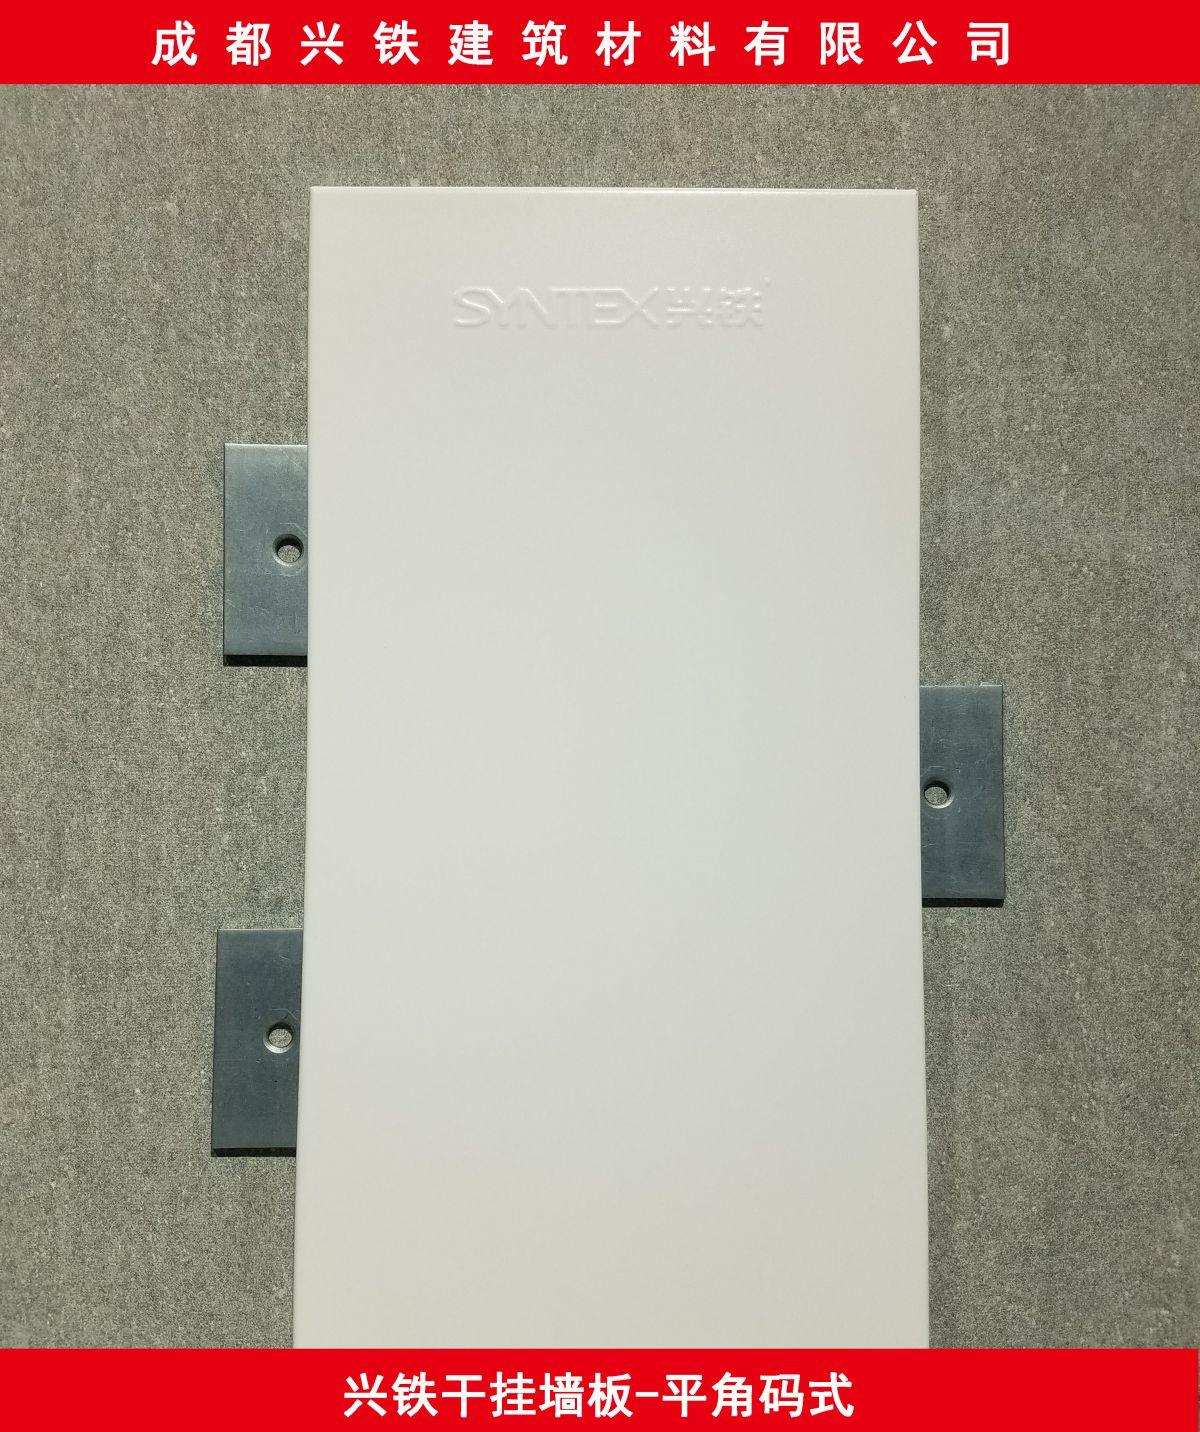 兴铁干挂金属墙板钢制墙板挂墙板安装密封钢制墙板钢制复合墙板